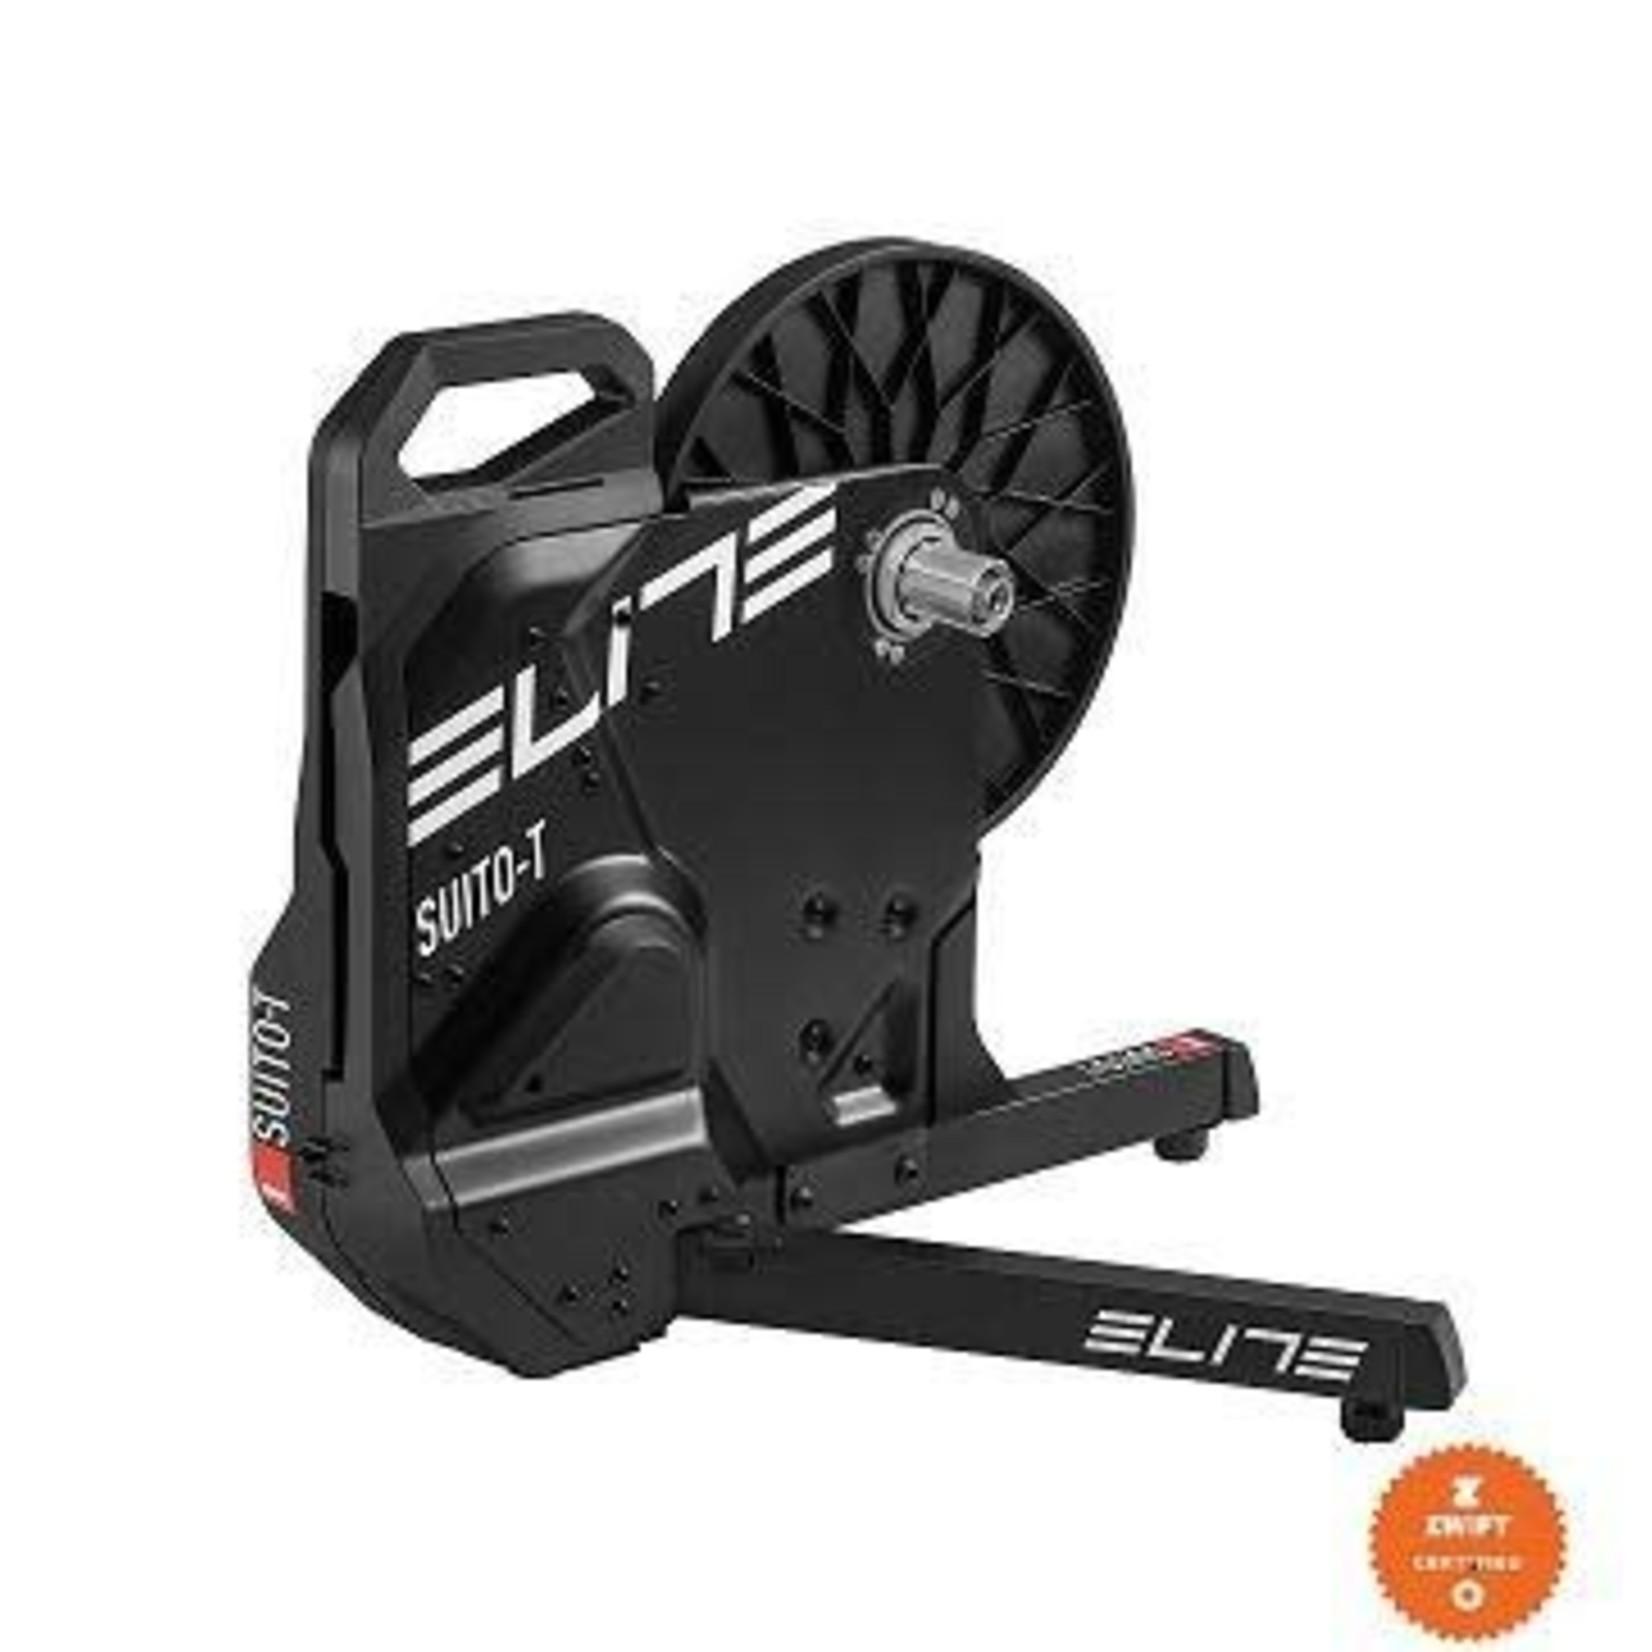 ELITE SUITO-T DIRECT DRIVE INTERACTIVE Trainer